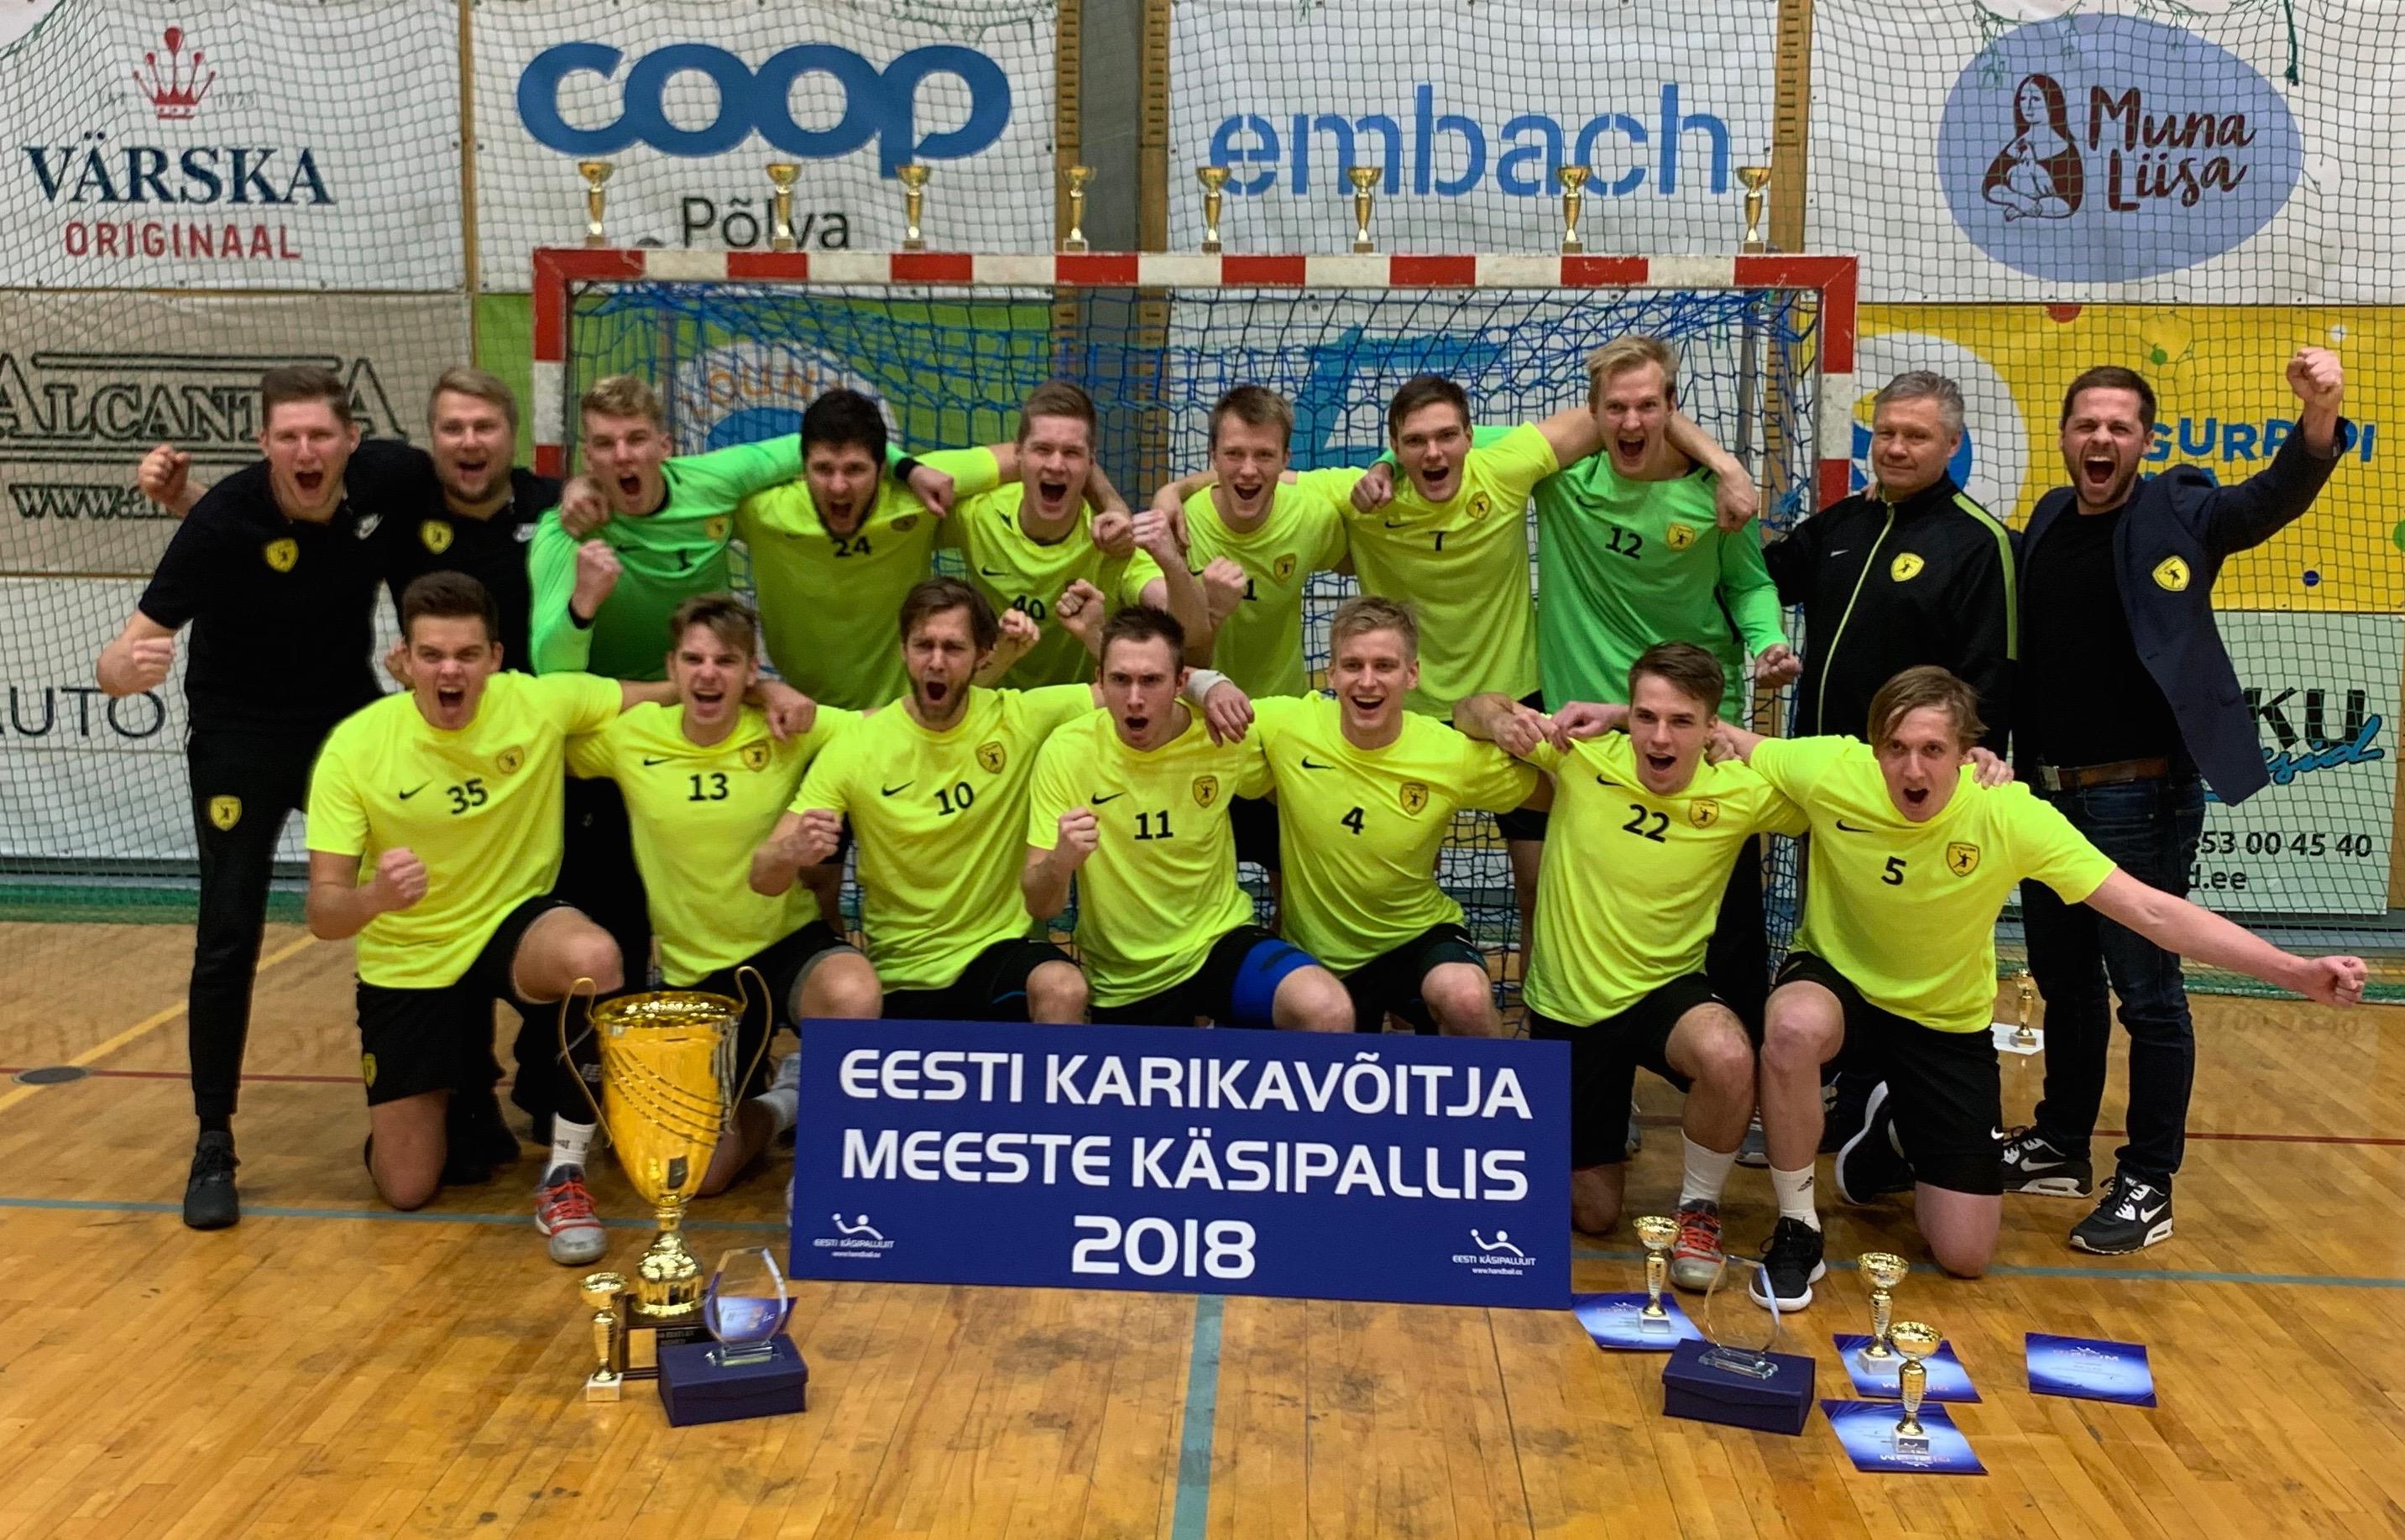 c9cf85555ff 02 Dec HC Tallinn alistas finaalis Serviti ja võitis esmakordselt Eesti  karika + mängu VIDEO